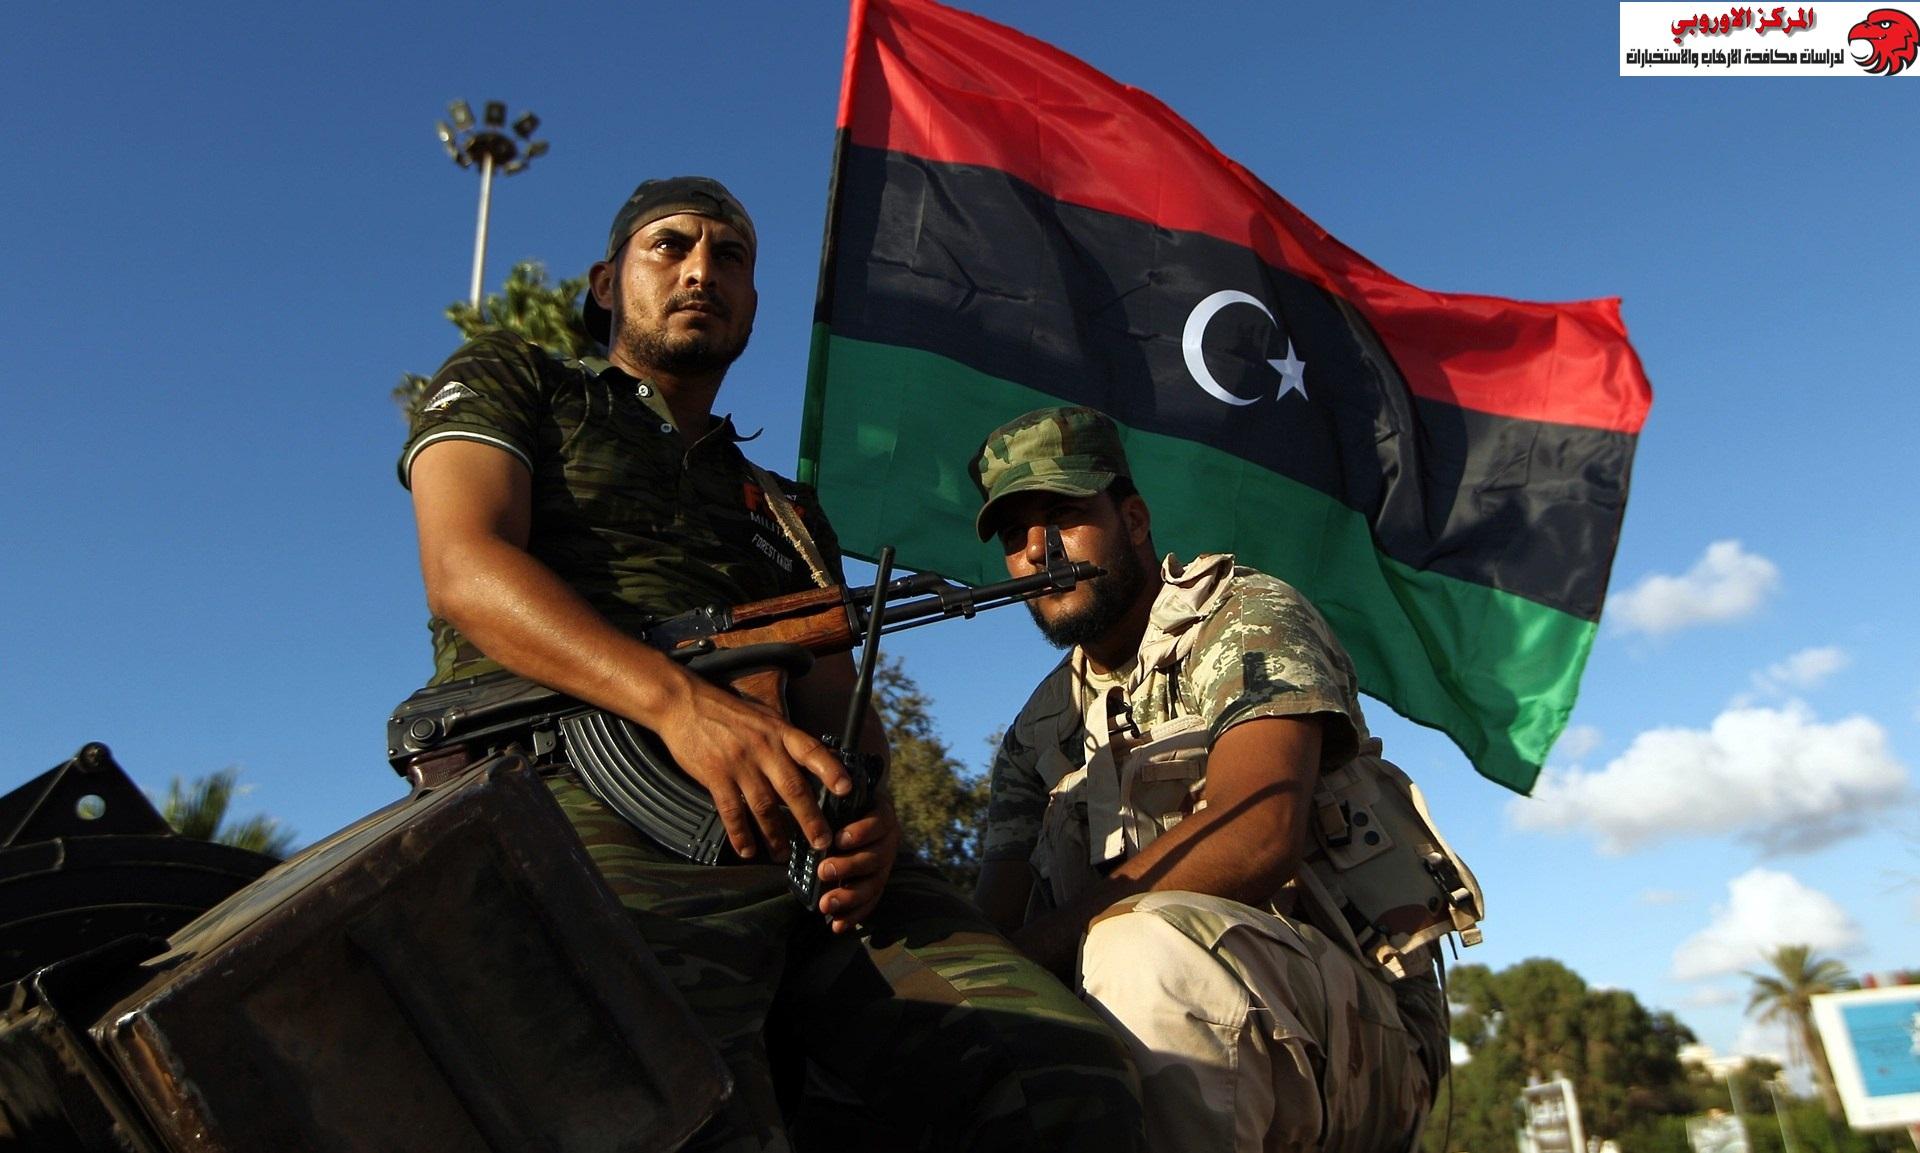 خريطة حواضن التطرف والإرهاب… ليبيا